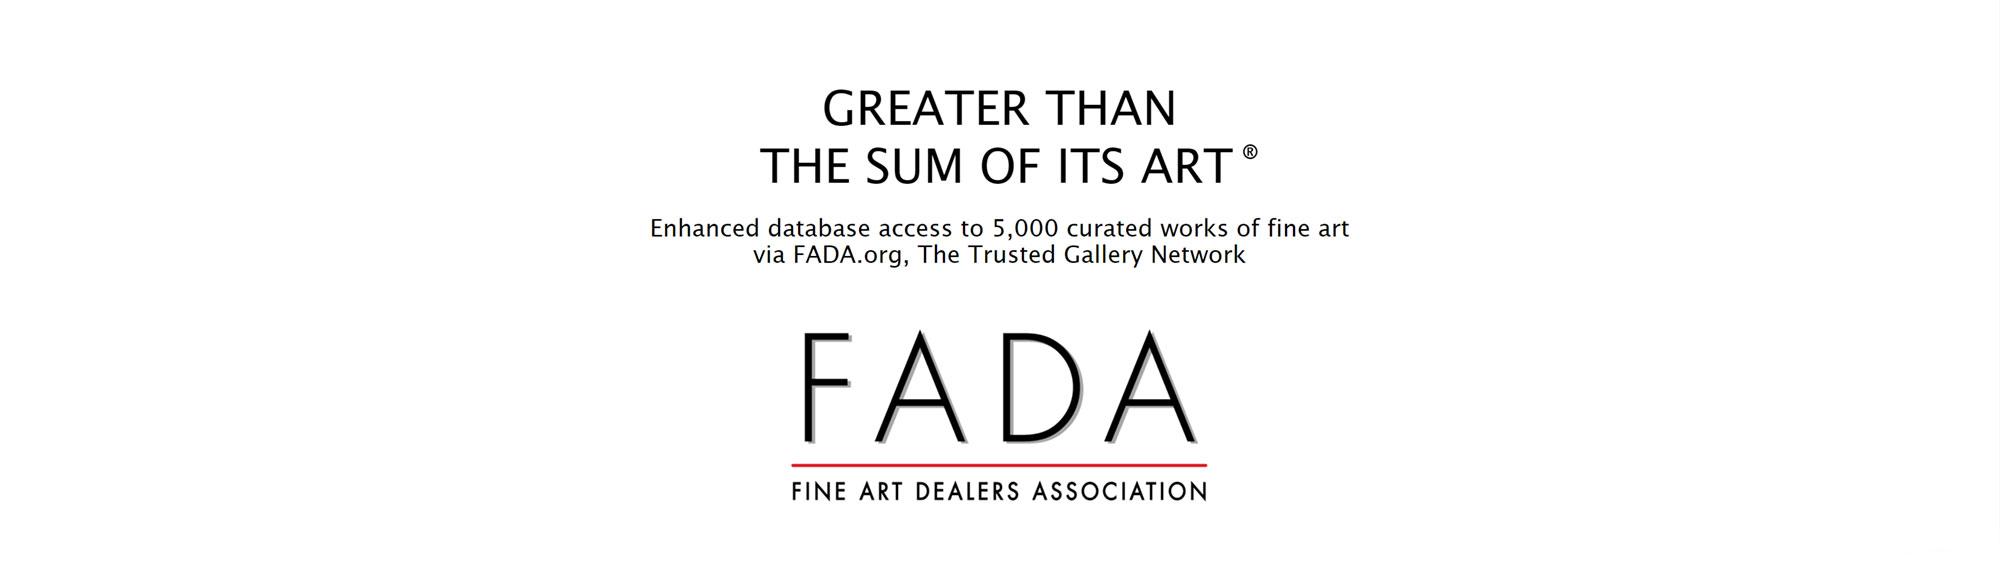 FADA logo and tag